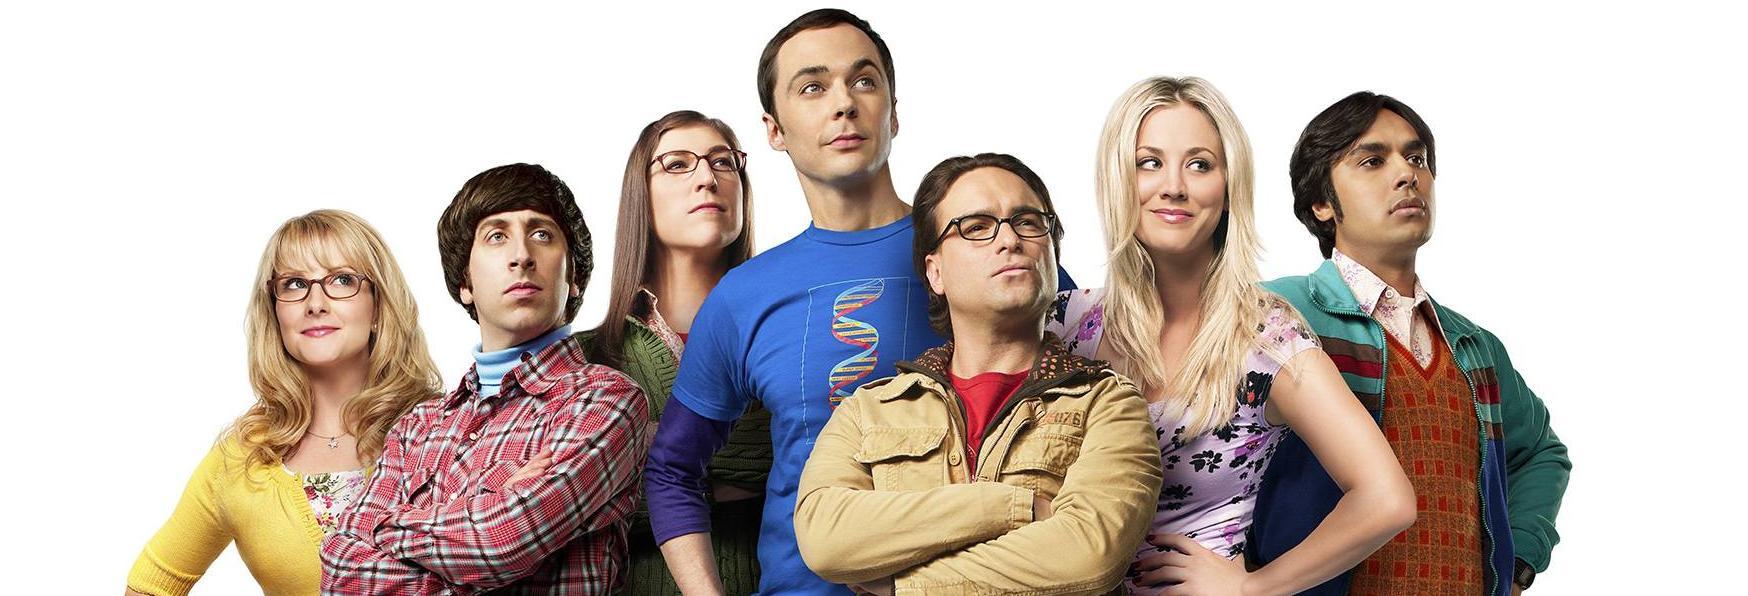 The Big Bang Theory: le Curiosità sugli Attori Protagonisti che forse Non Sapevi